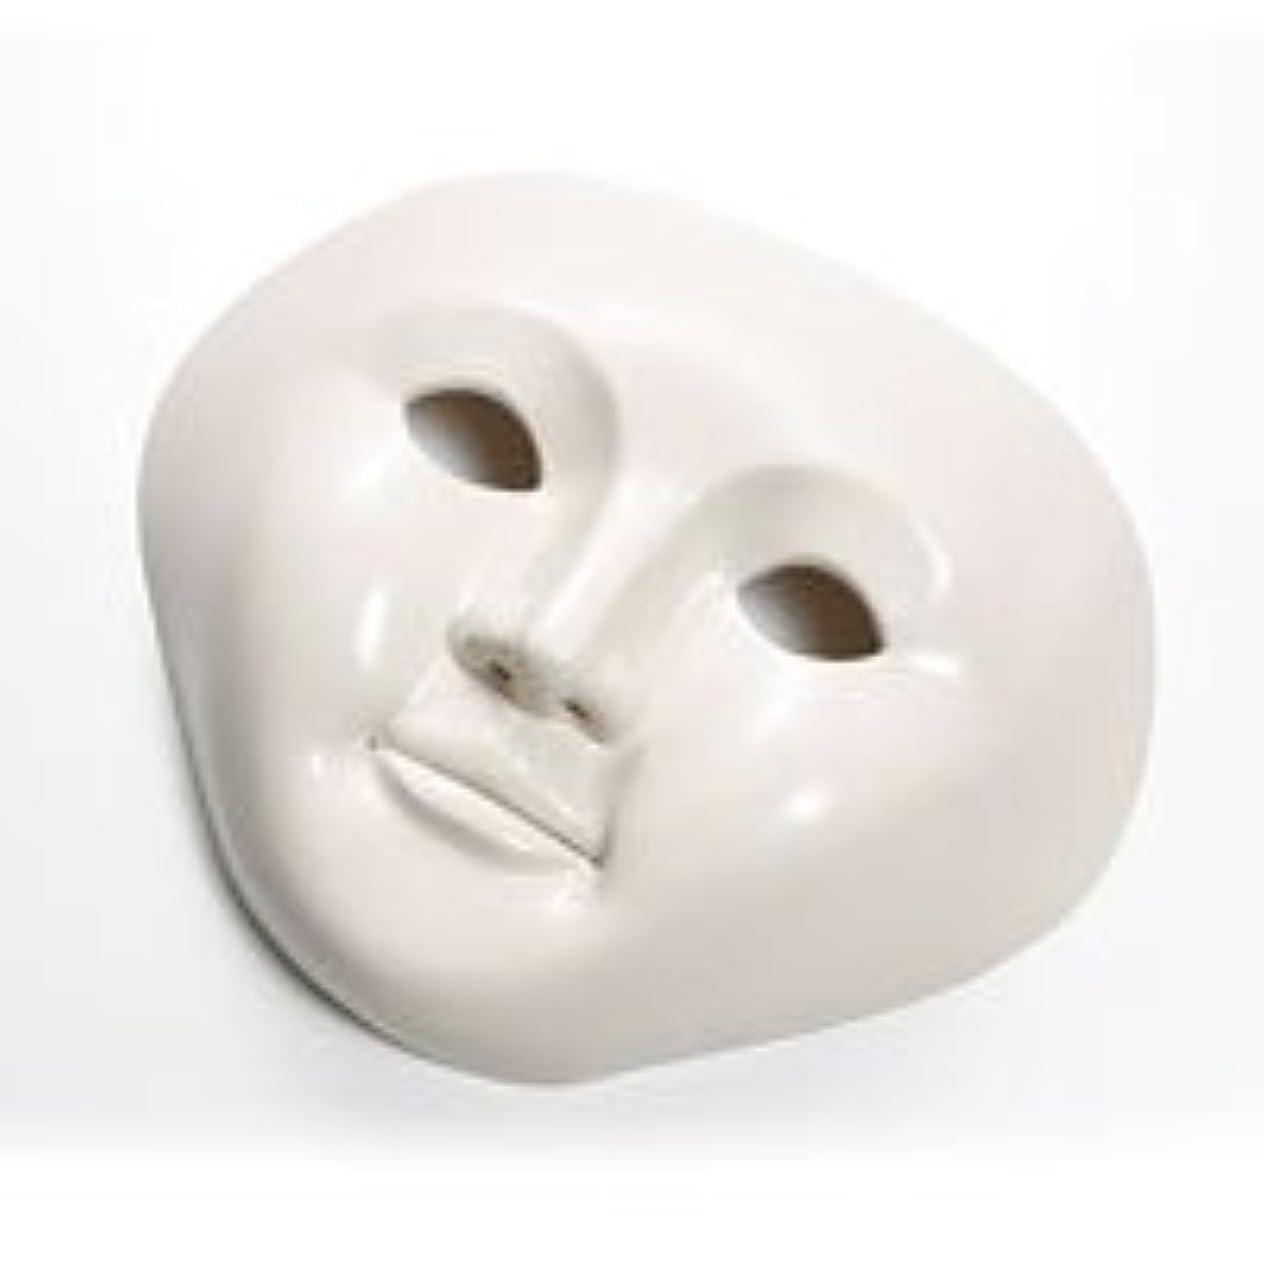 バッフル振り返るラベンダー湯の花美人 【ラジウムの美顔マスク】